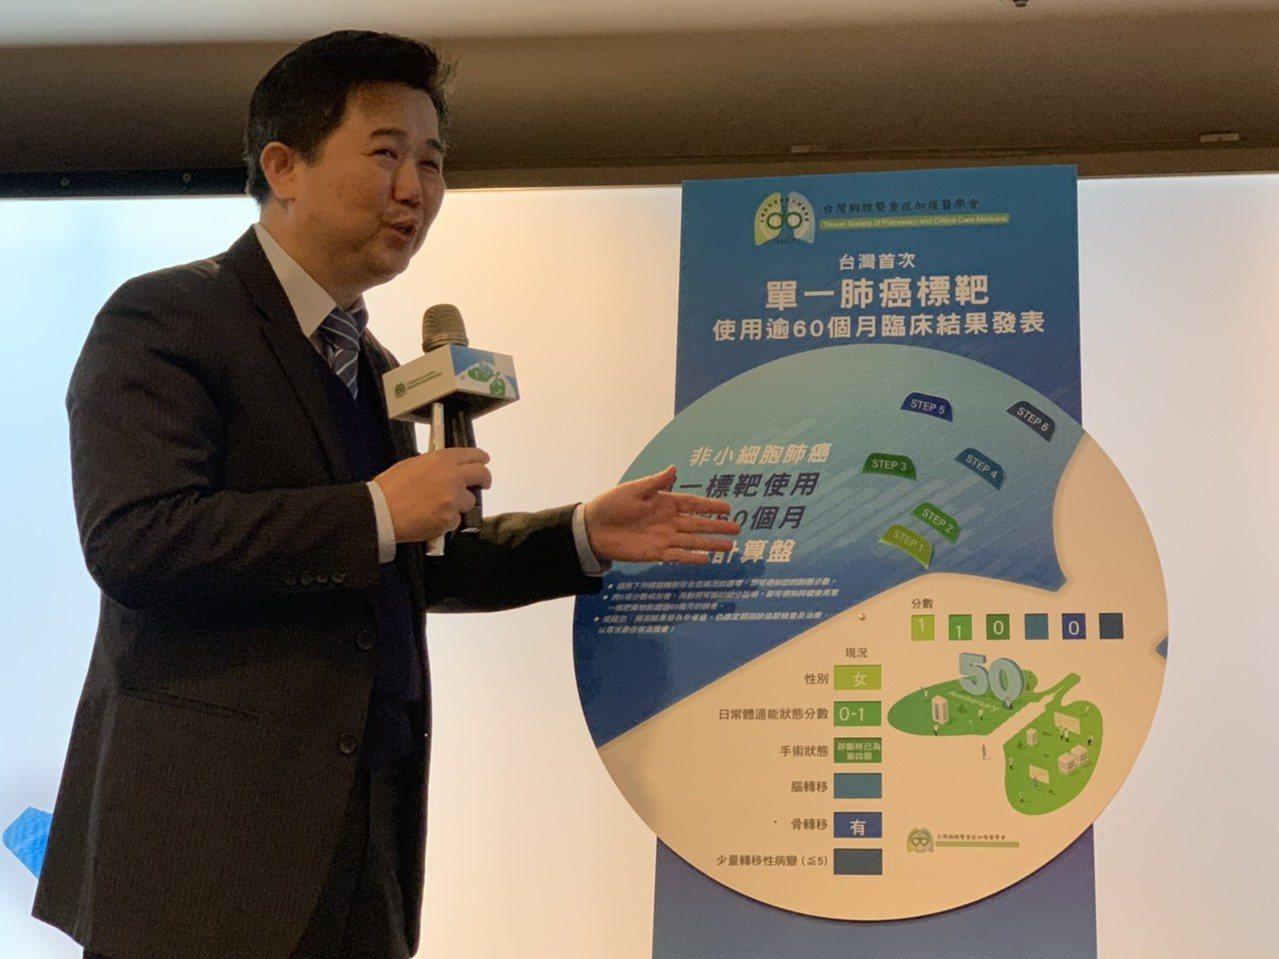 台灣胸腔暨重症加護醫學會將六大因子製作成轉盤,讓民眾直接可以透過轉盤計算是否適合...